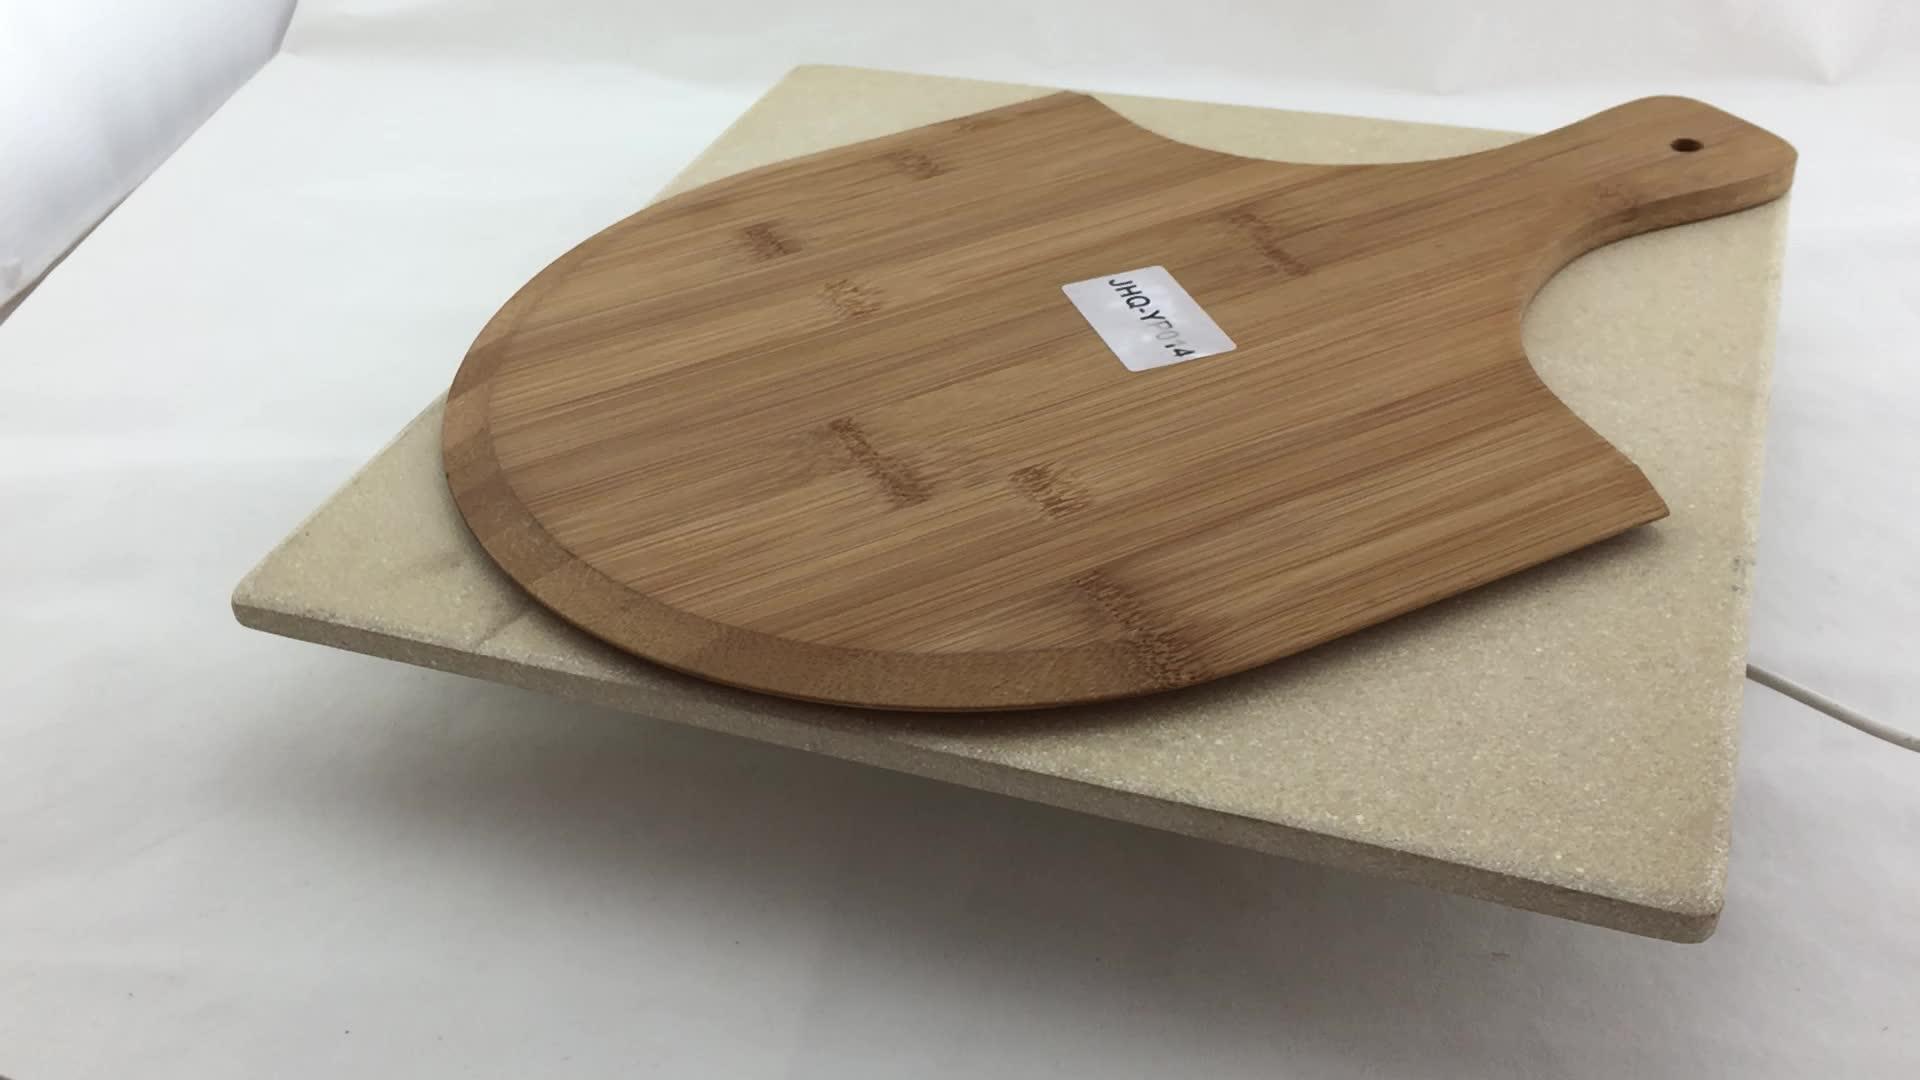 木製ハンドルピザパドルウッディグリルスクレーパーウッディピザの皮